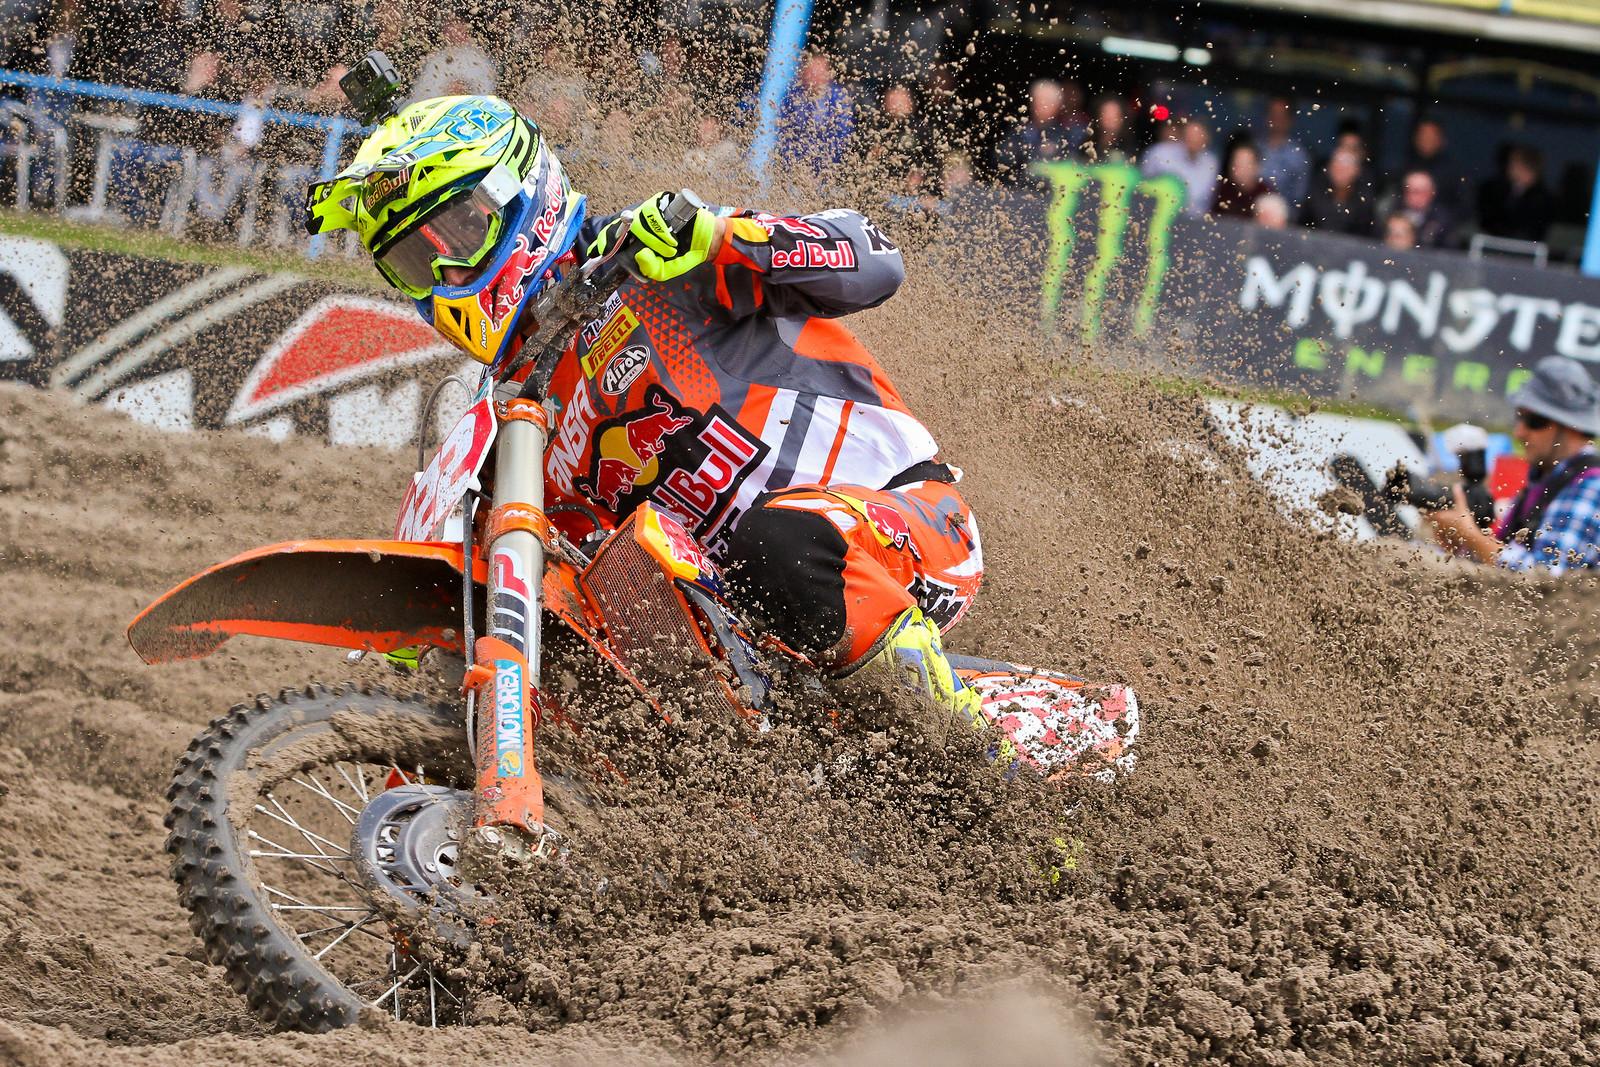 Antonio Cairoli - ayearinmx - Motocross Pictures - Vital MX